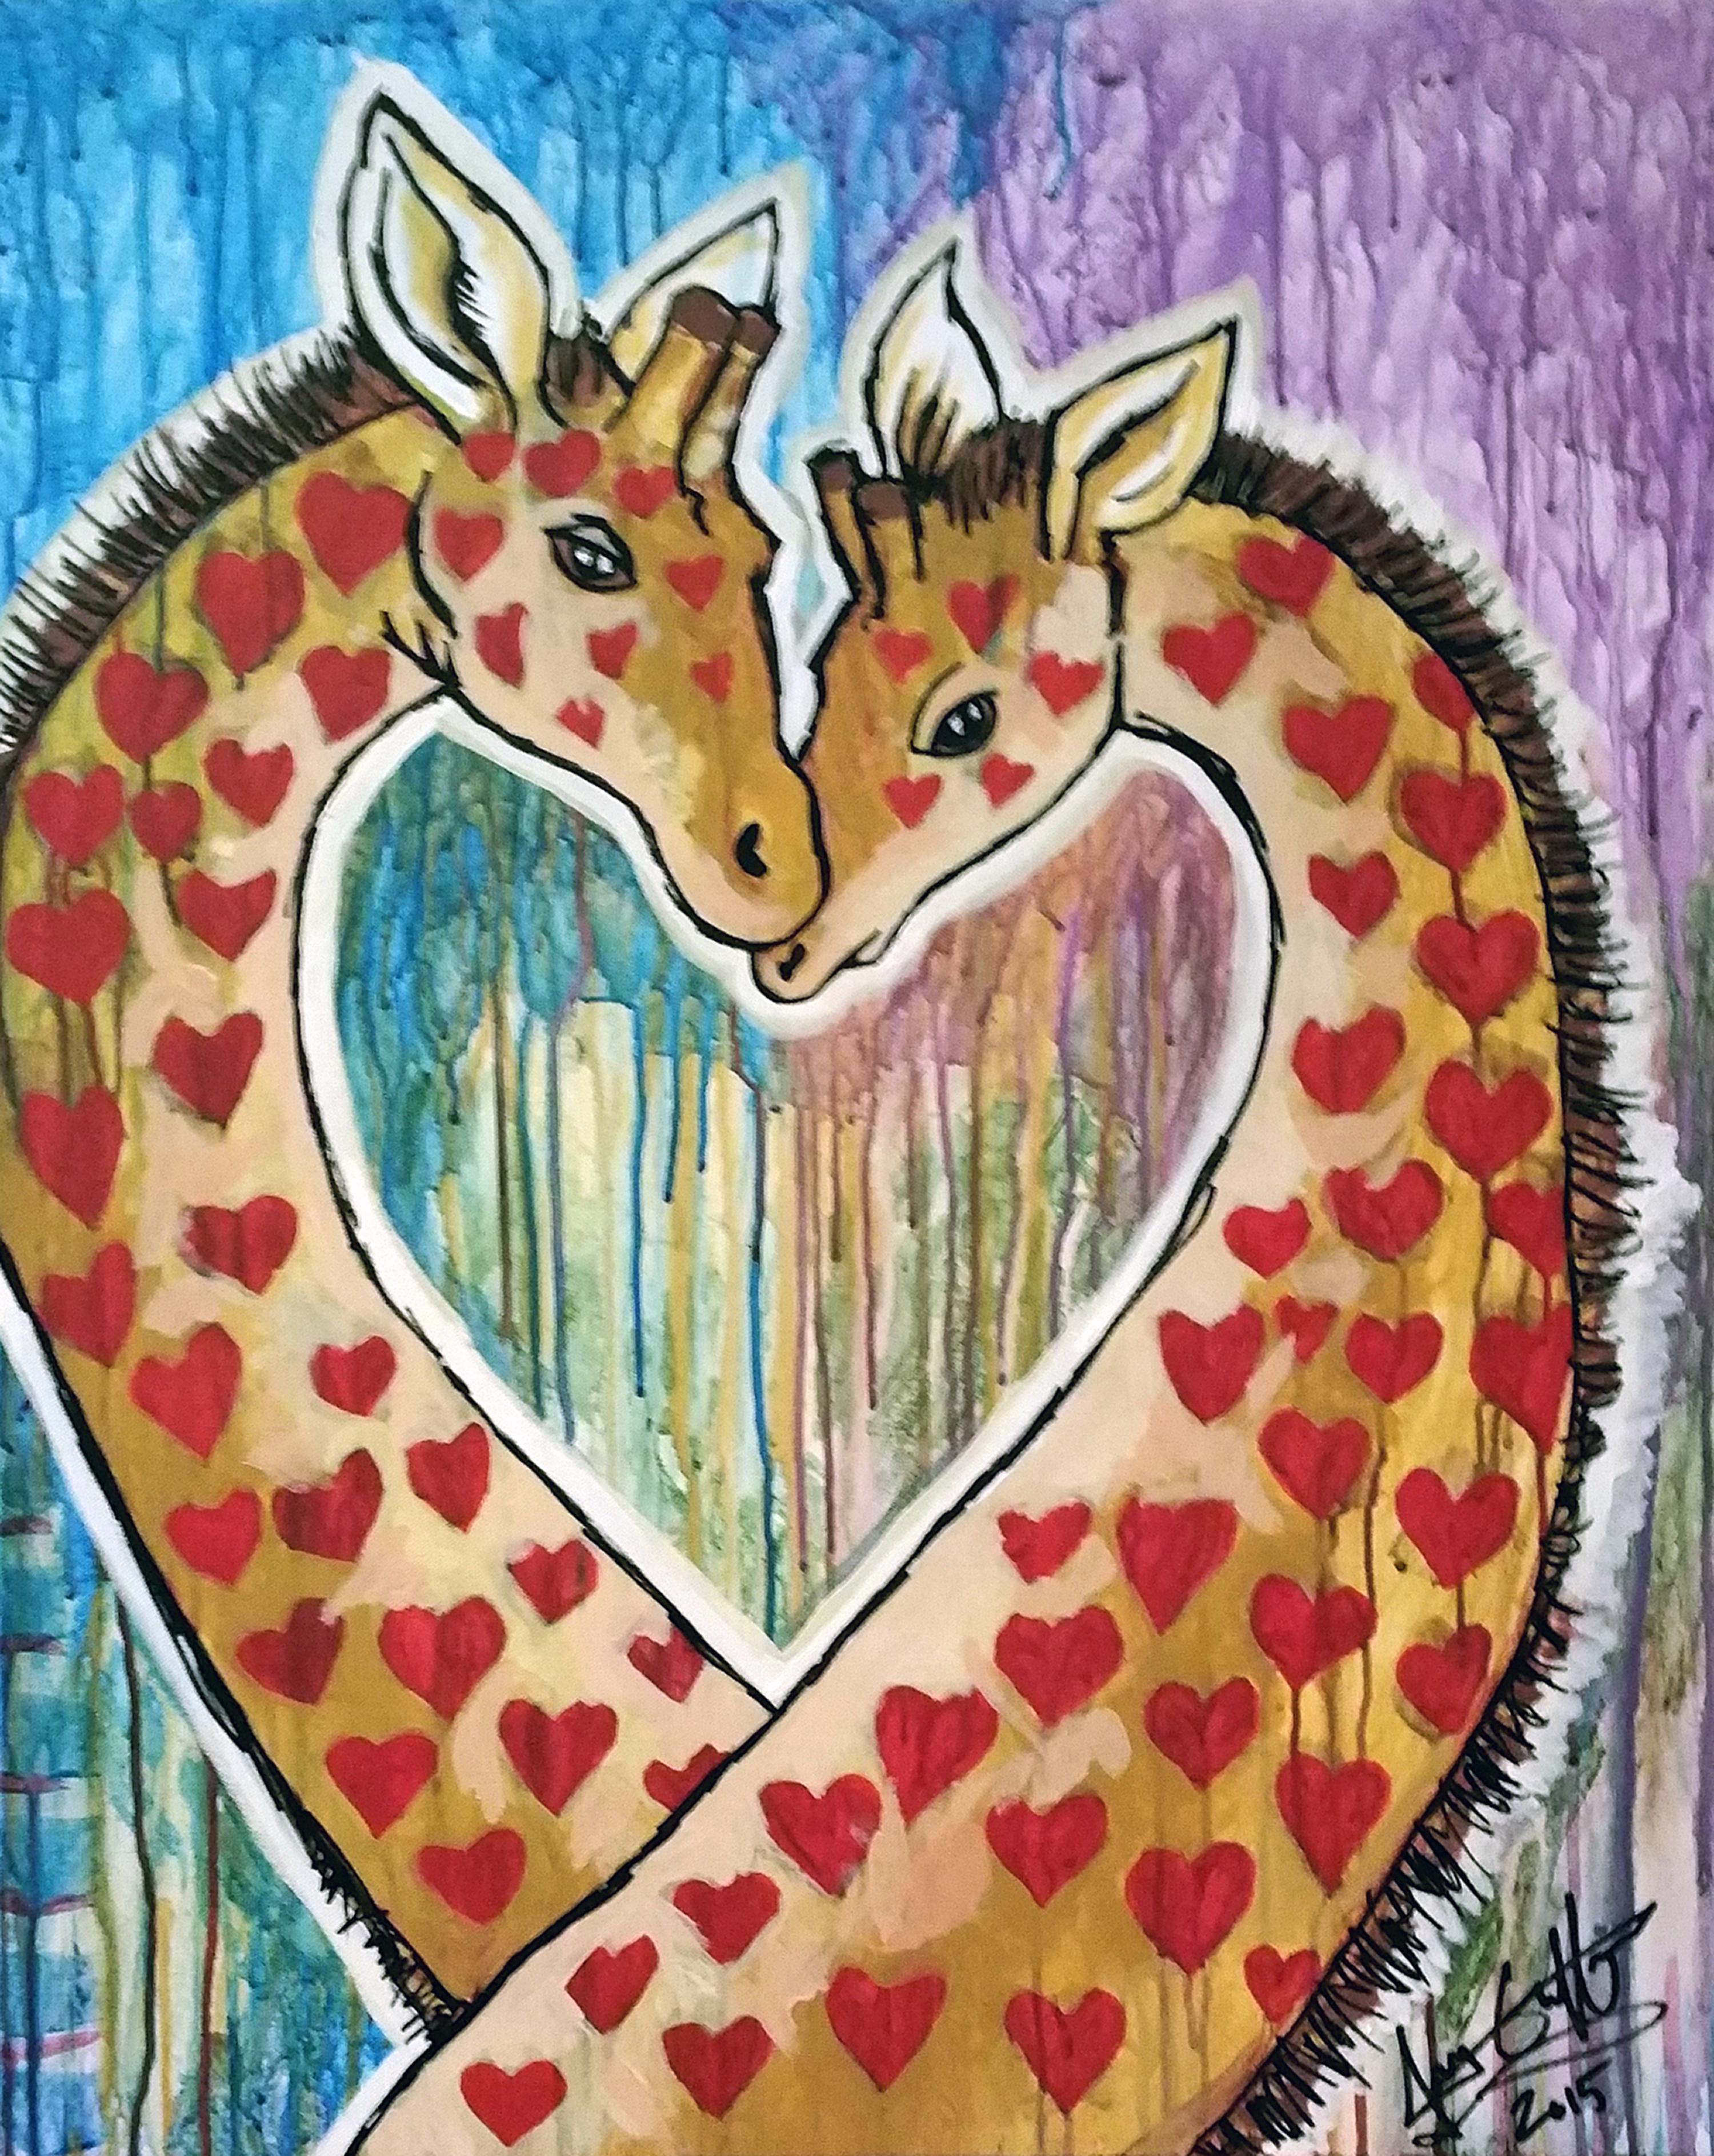 Giraffes 1 sold